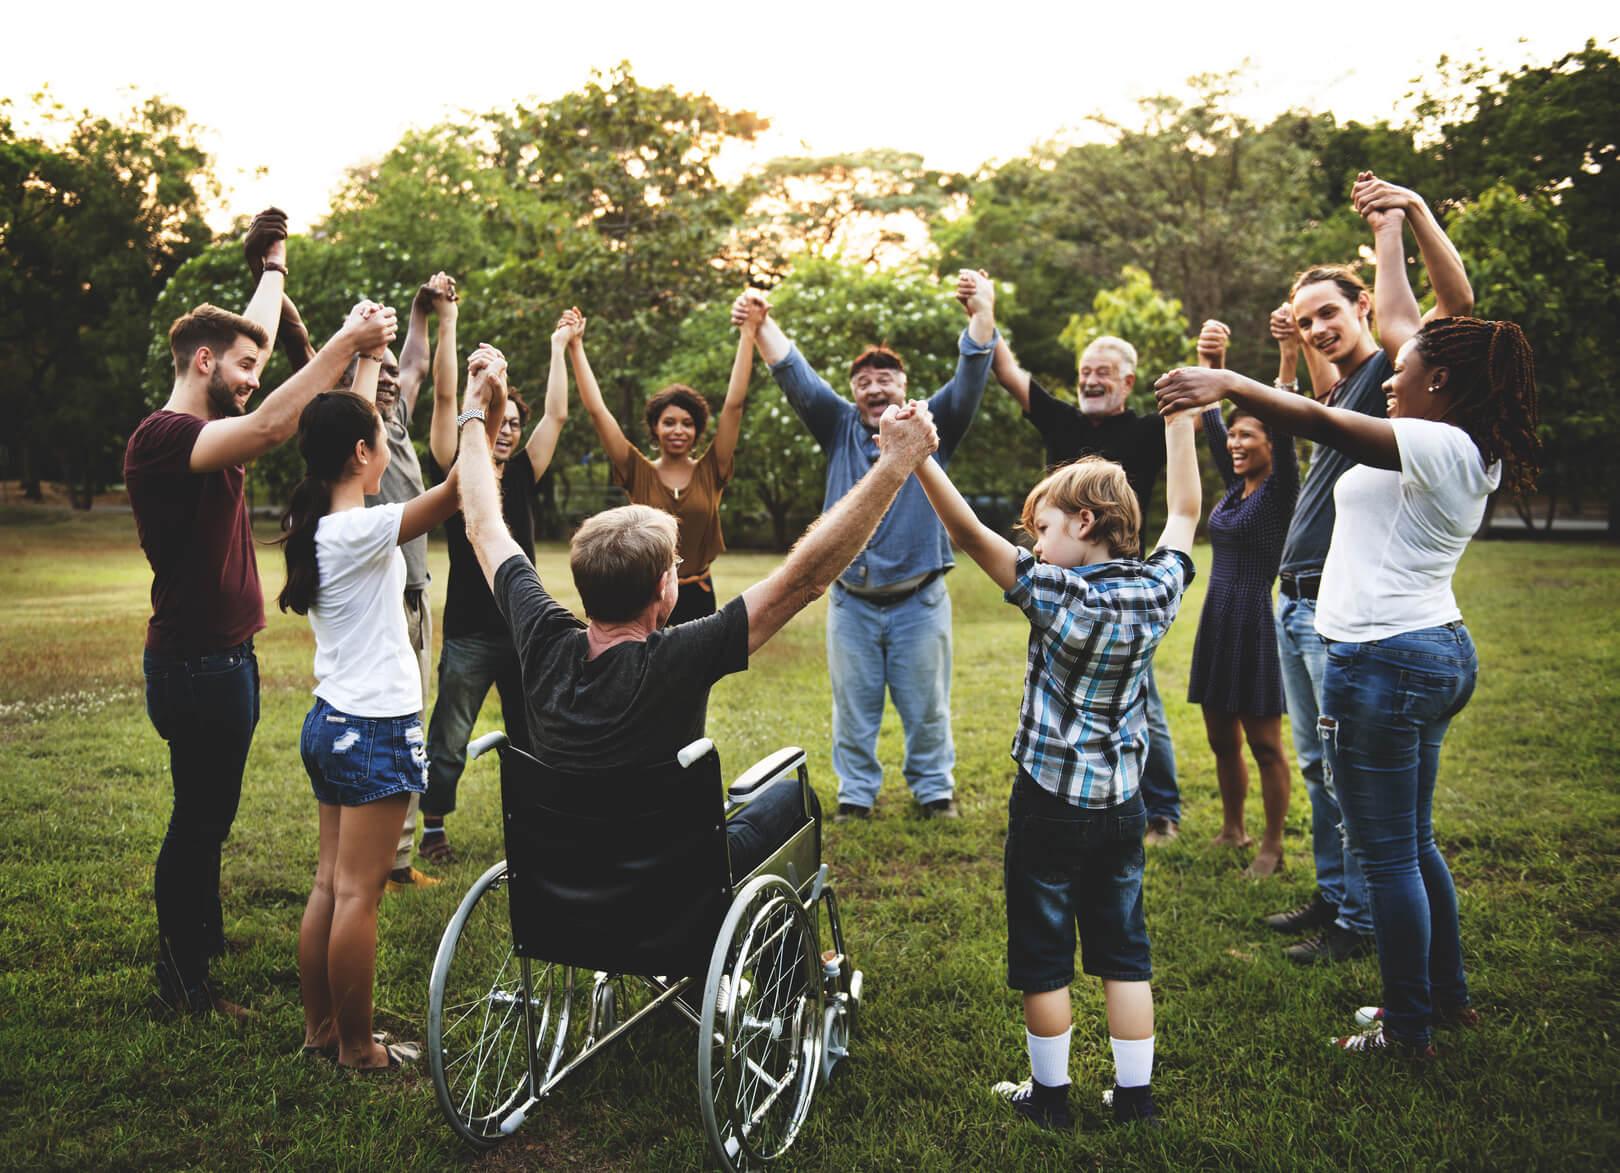 Verschiedene Personen im Kreis auf einer Wiese Hand in Hand halten ihre Arme in die Höhe.